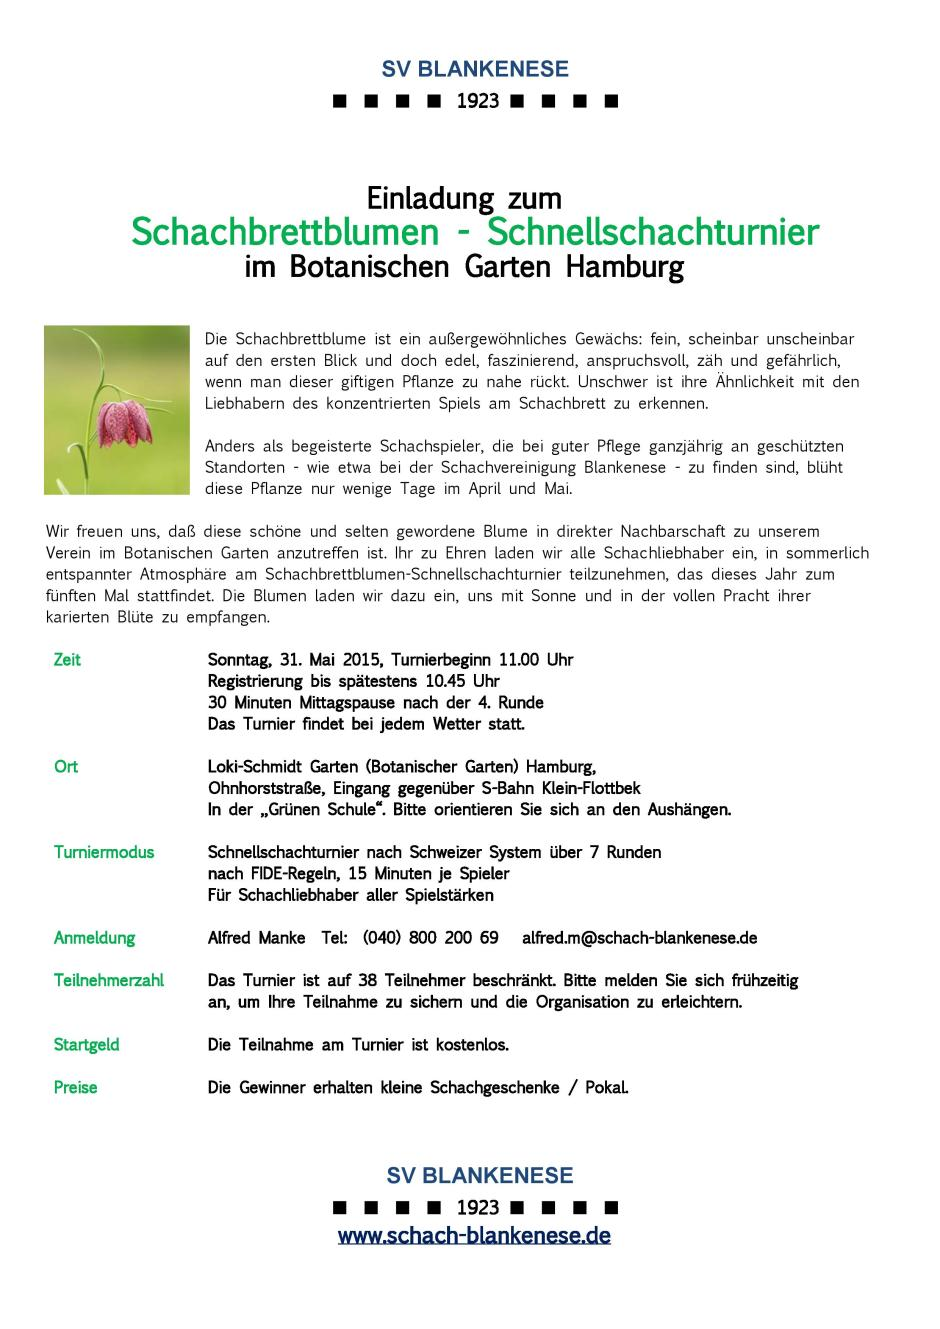 einladung-zum-schachbrettblumenturnier2015-page-001